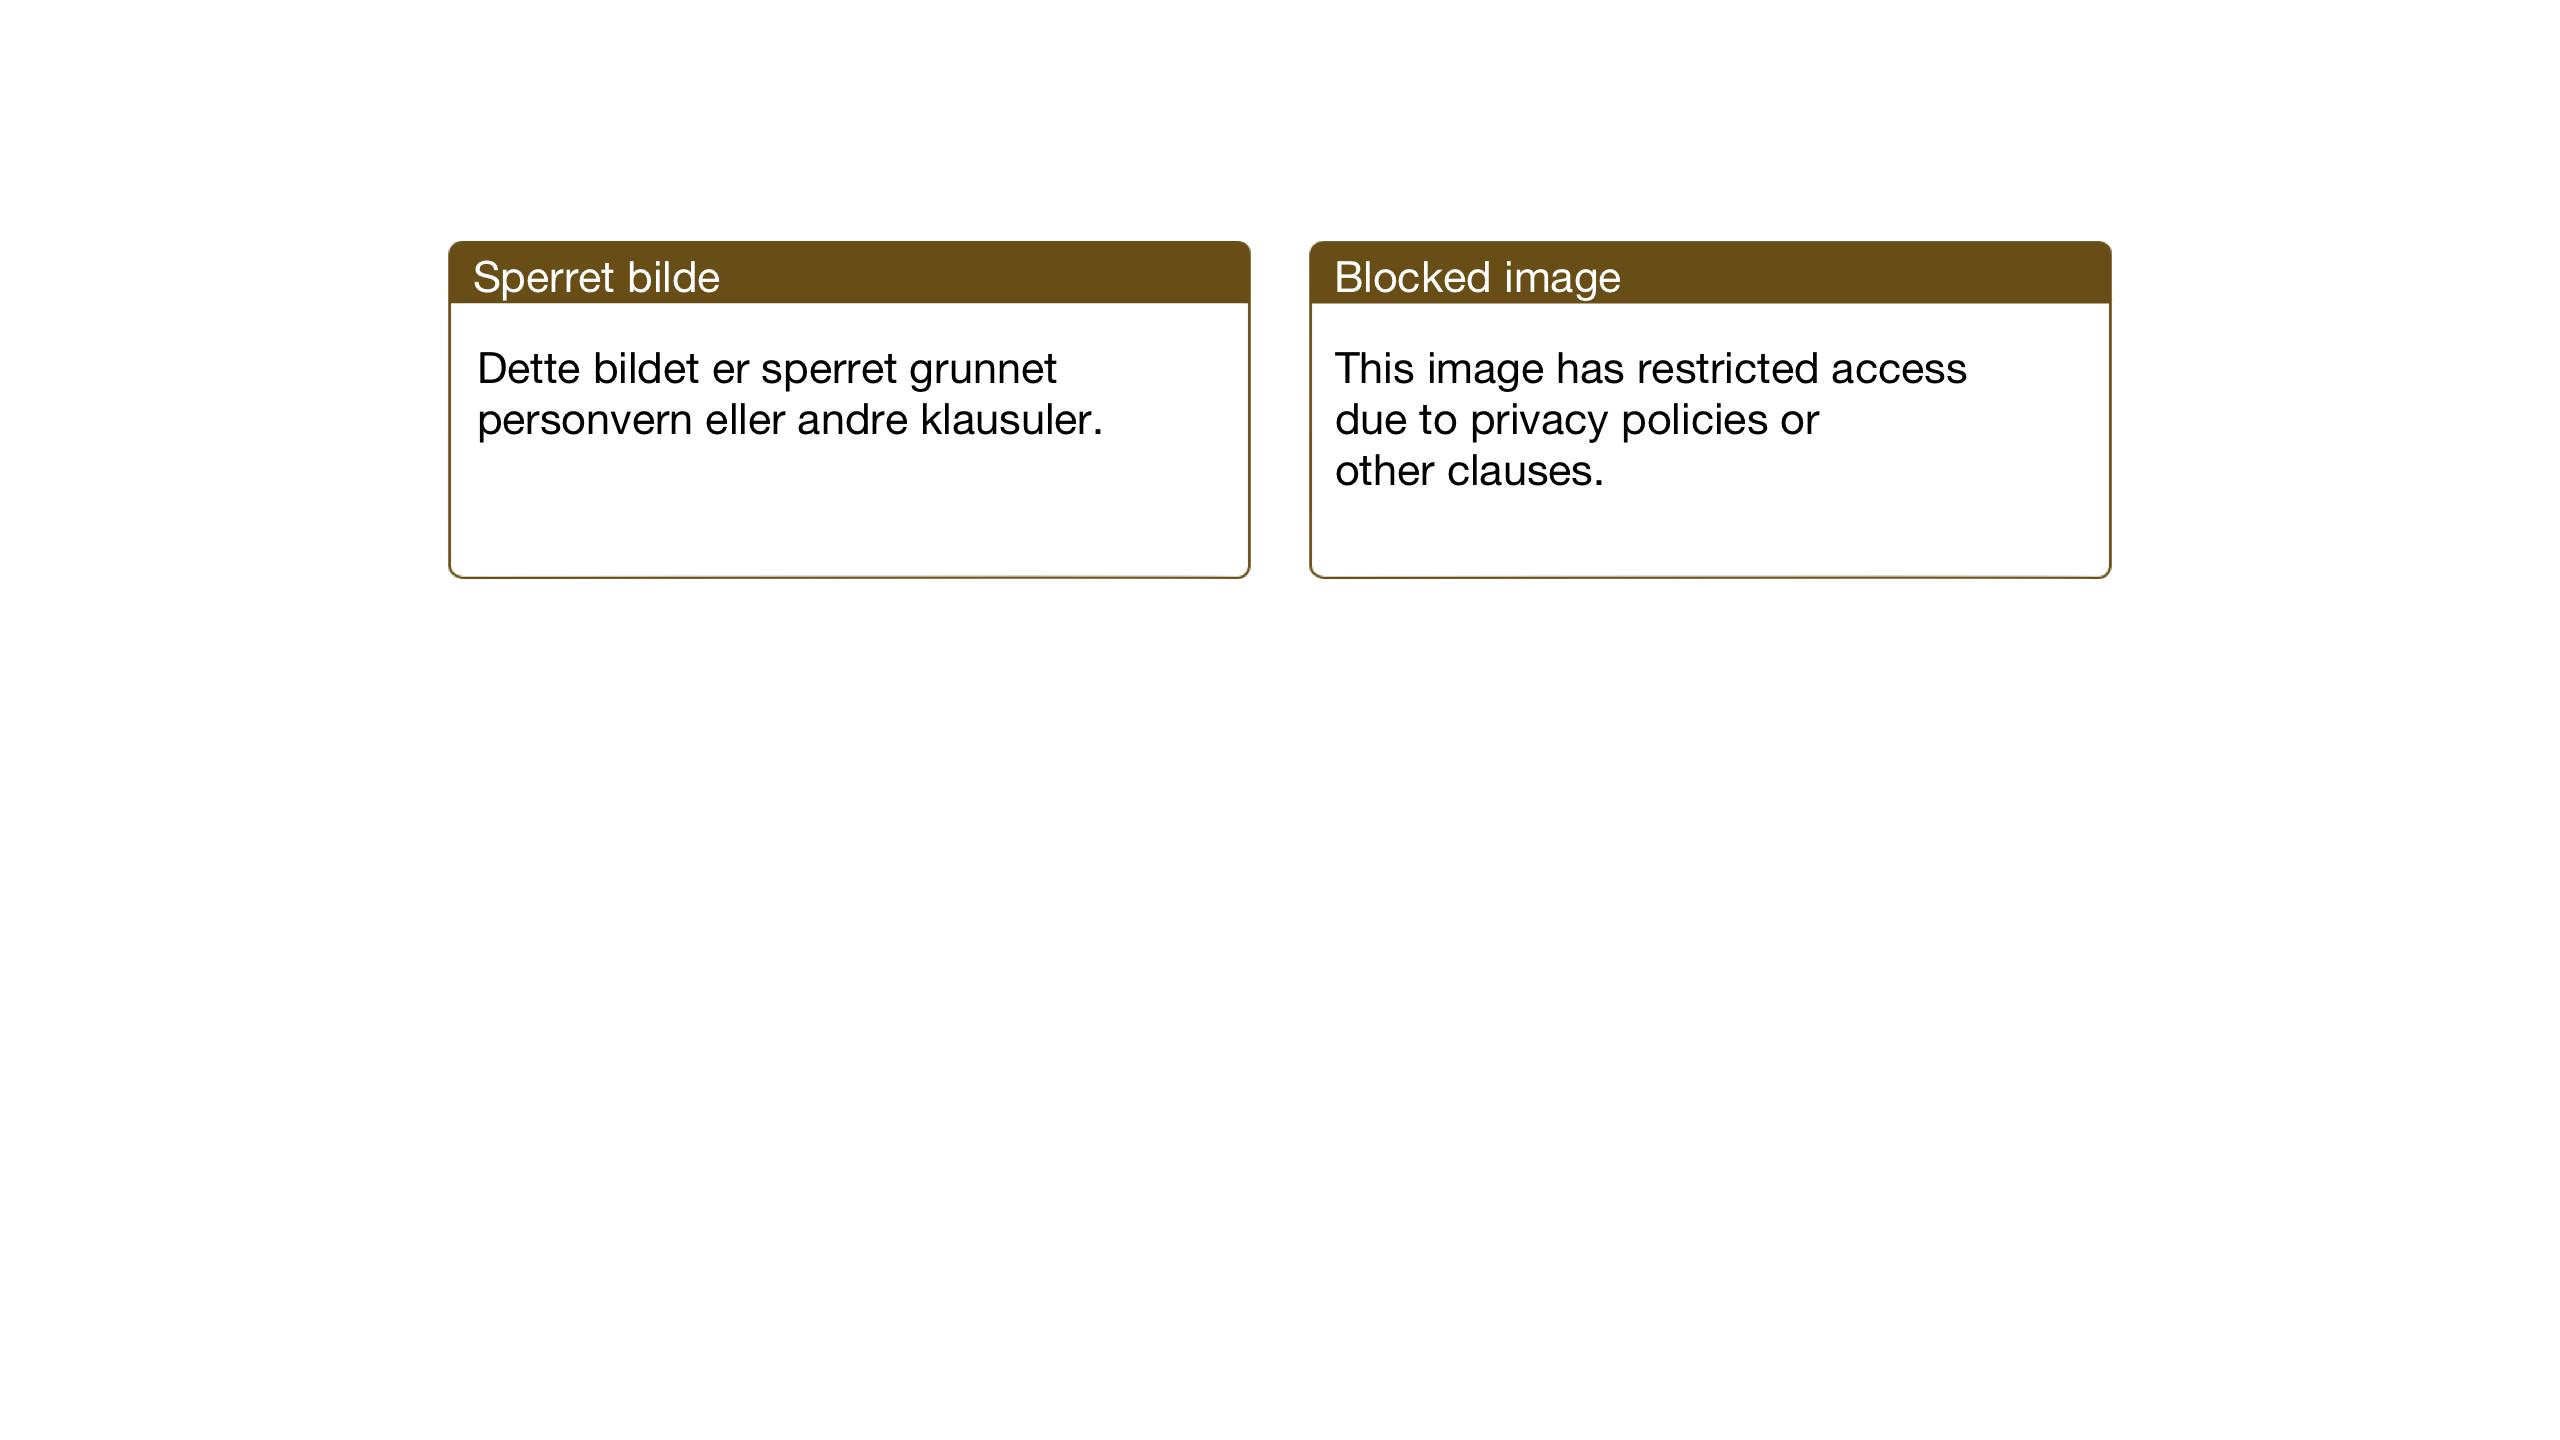 SAT, Ministerialprotokoller, klokkerbøker og fødselsregistre - Nord-Trøndelag, 773/L0625: Klokkerbok nr. 773C01, 1910-1952, s. 251